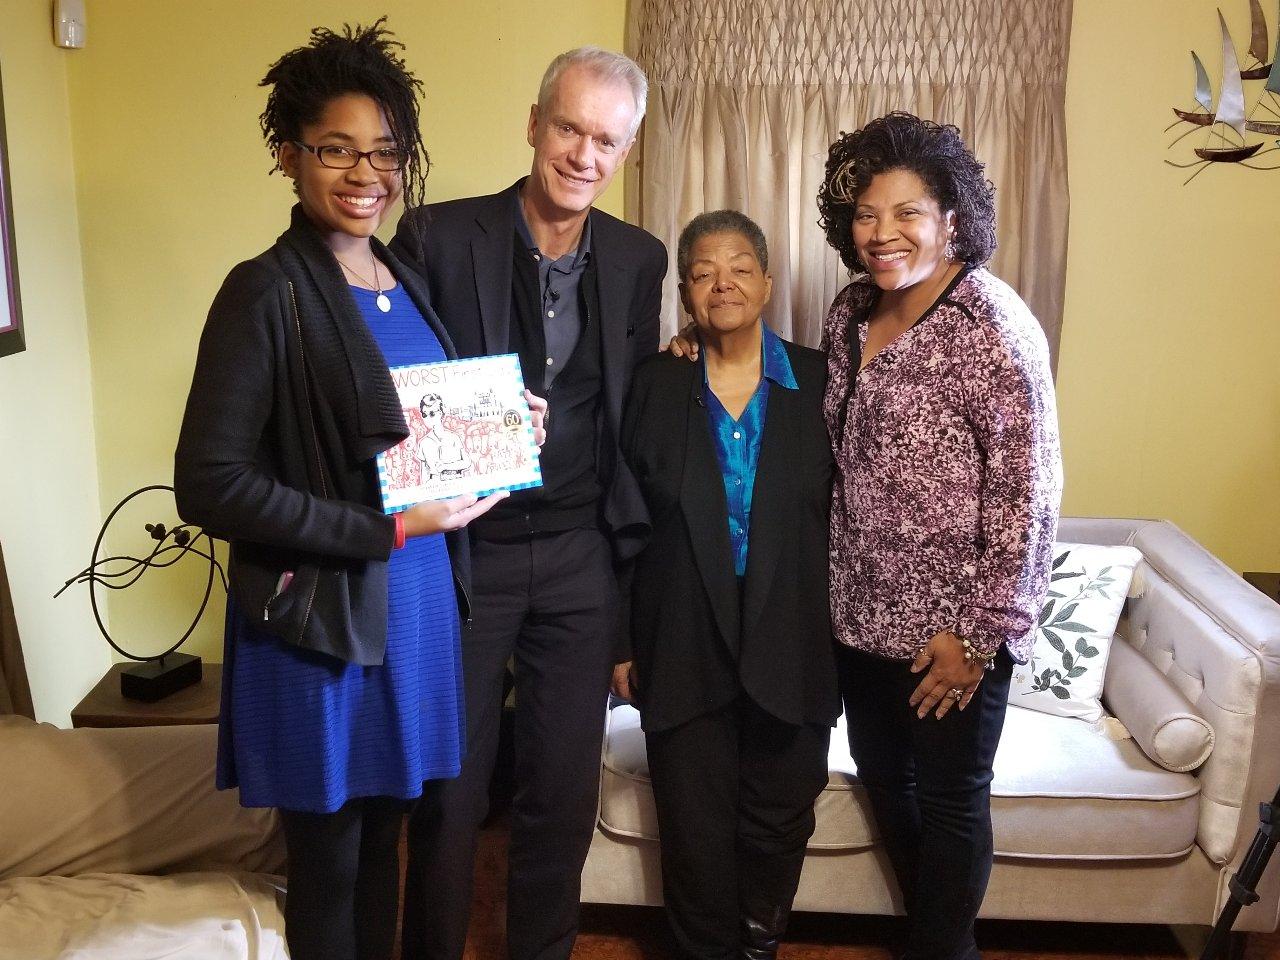 Elizabeth Eckford, Eurydice Stanley, and Grace Stanley